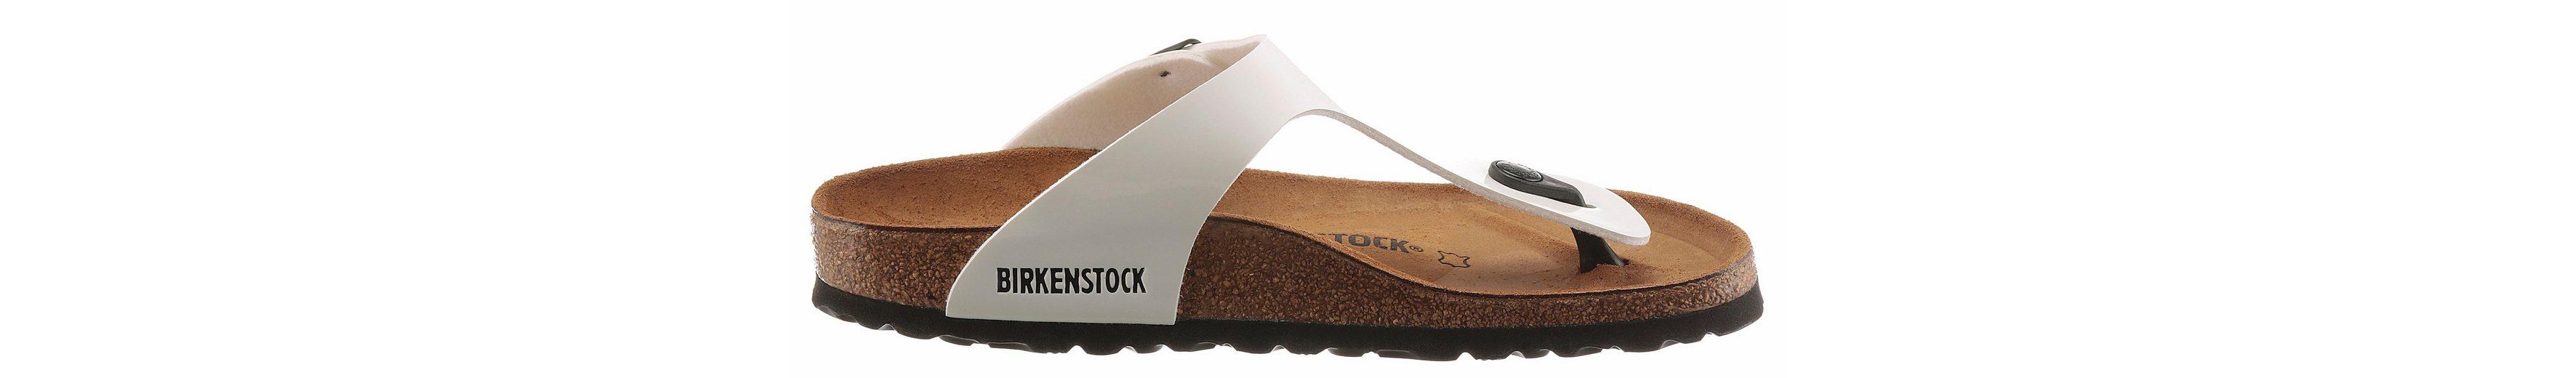 Birkenstock GIZEH Zehentrenner, in schmaler Schuhweite und Lack-Optik